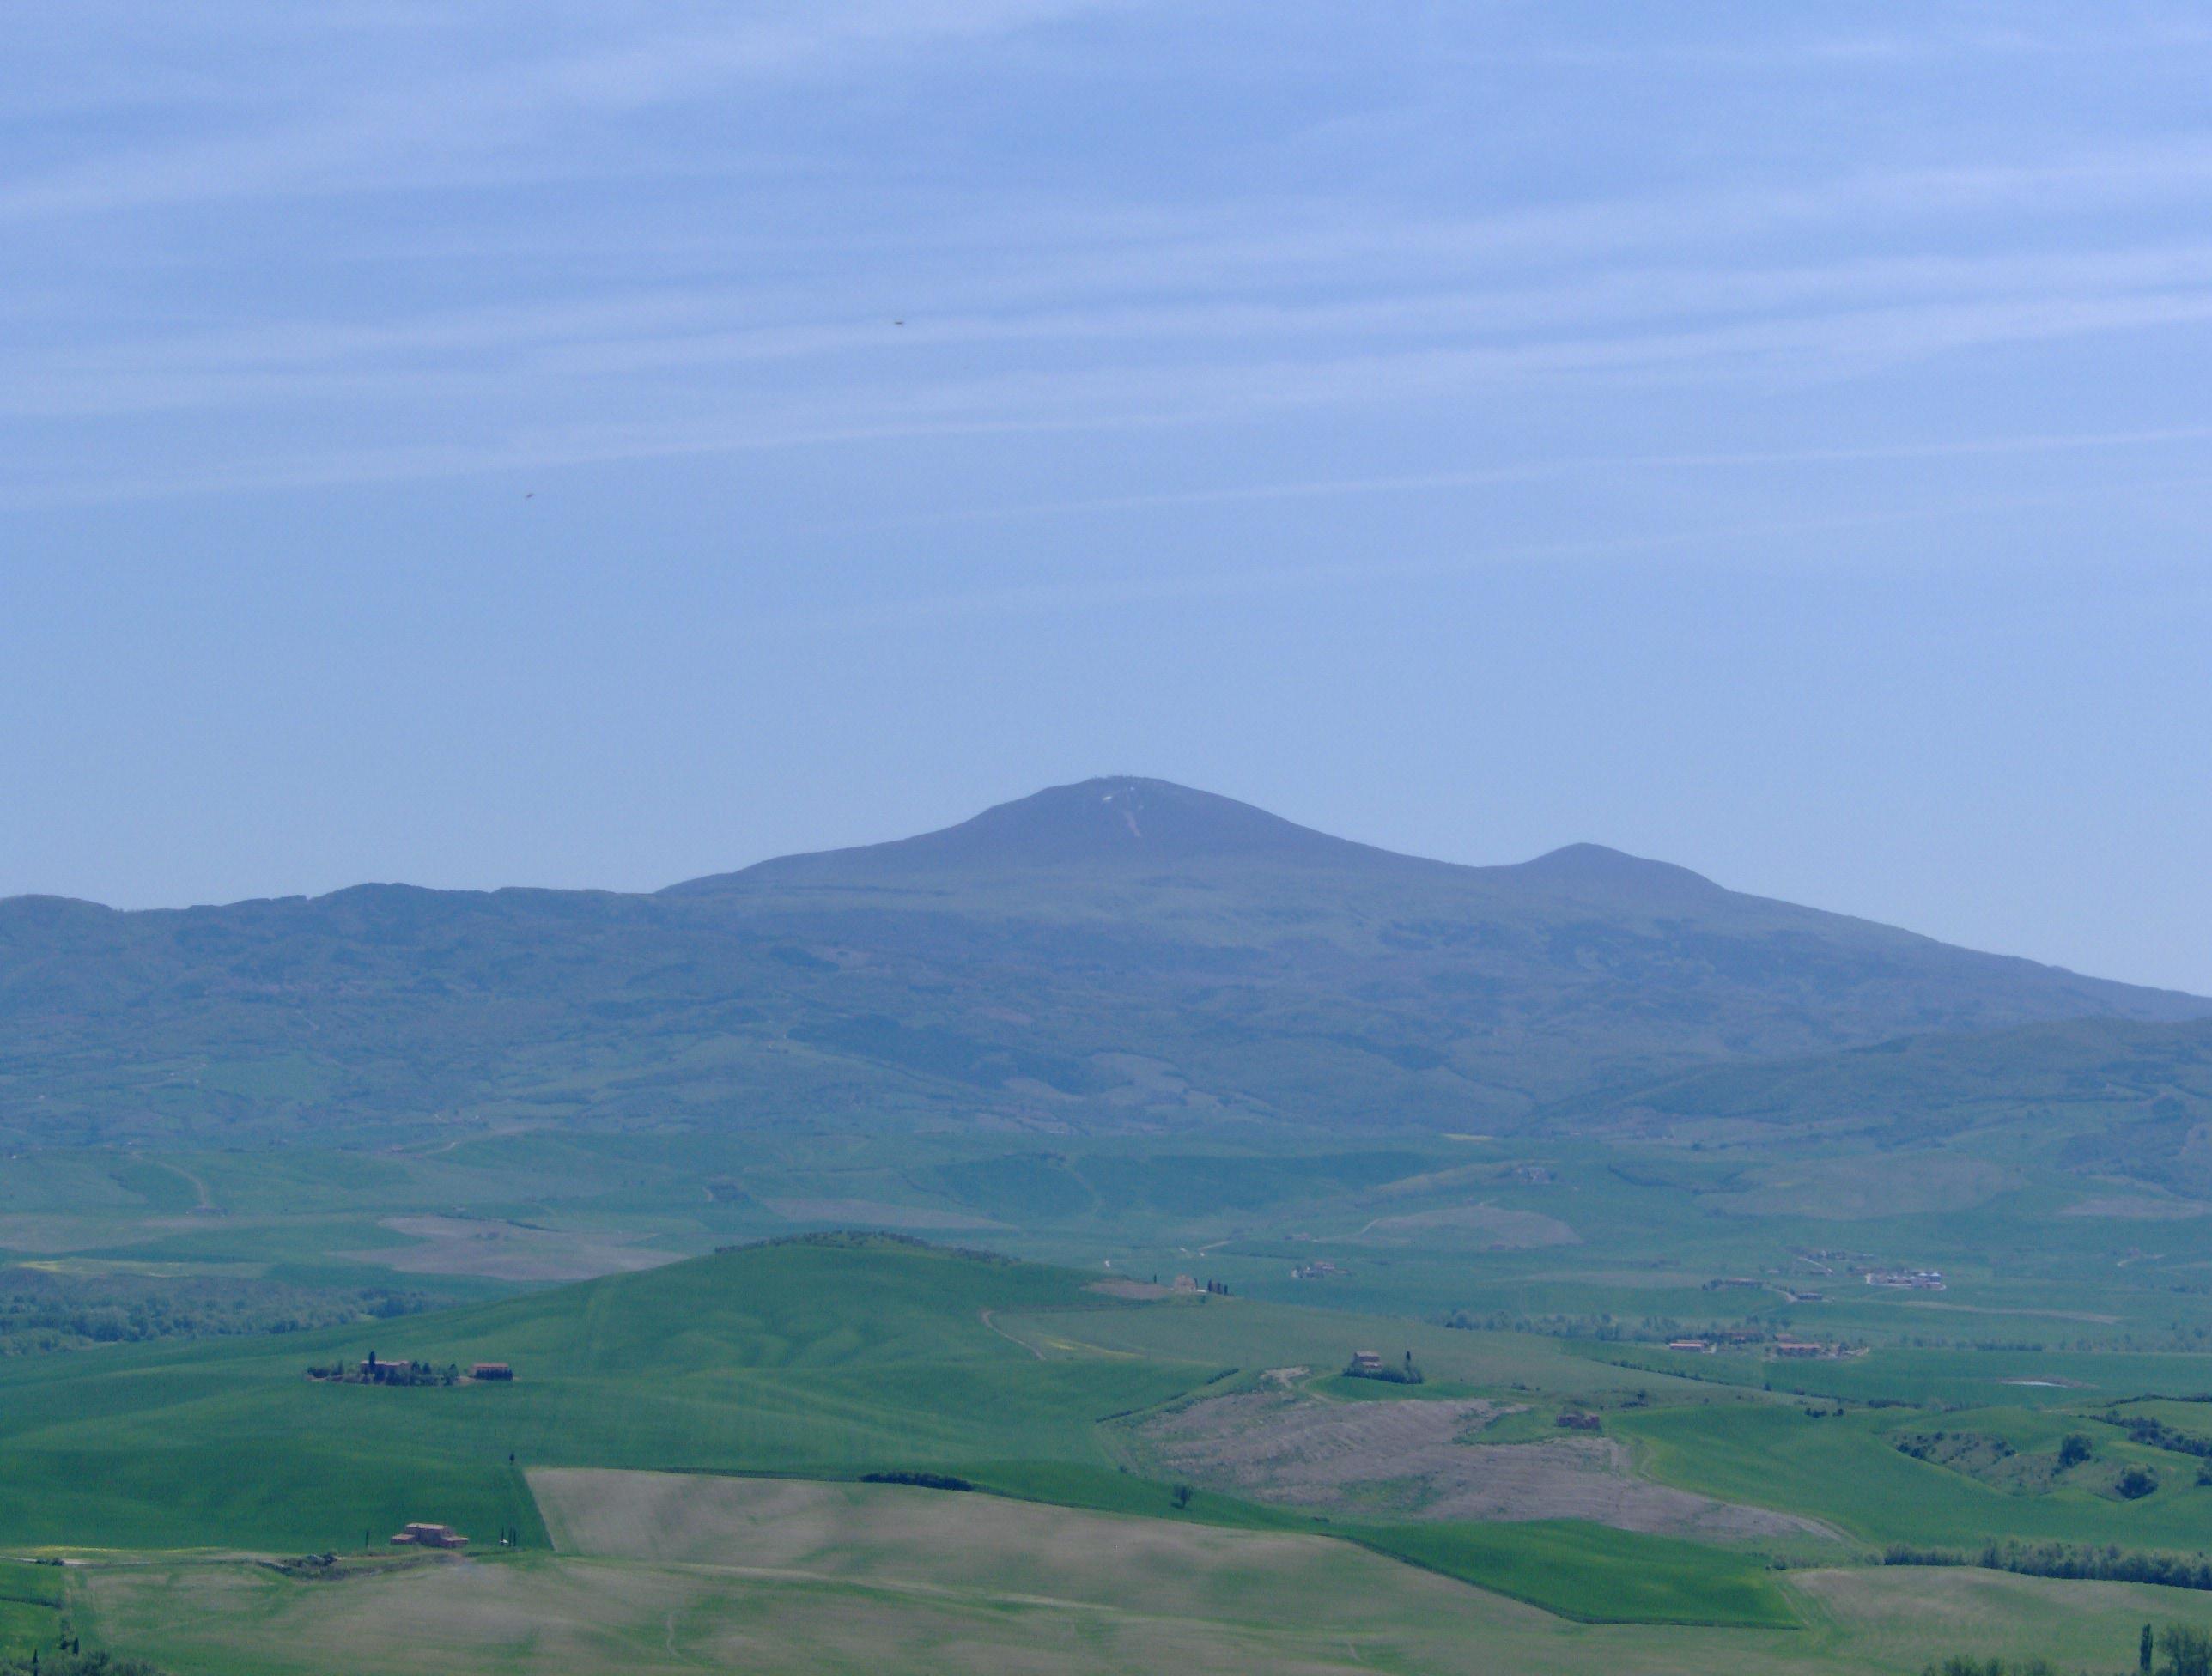 De Monte Amiata vanuit Pienza